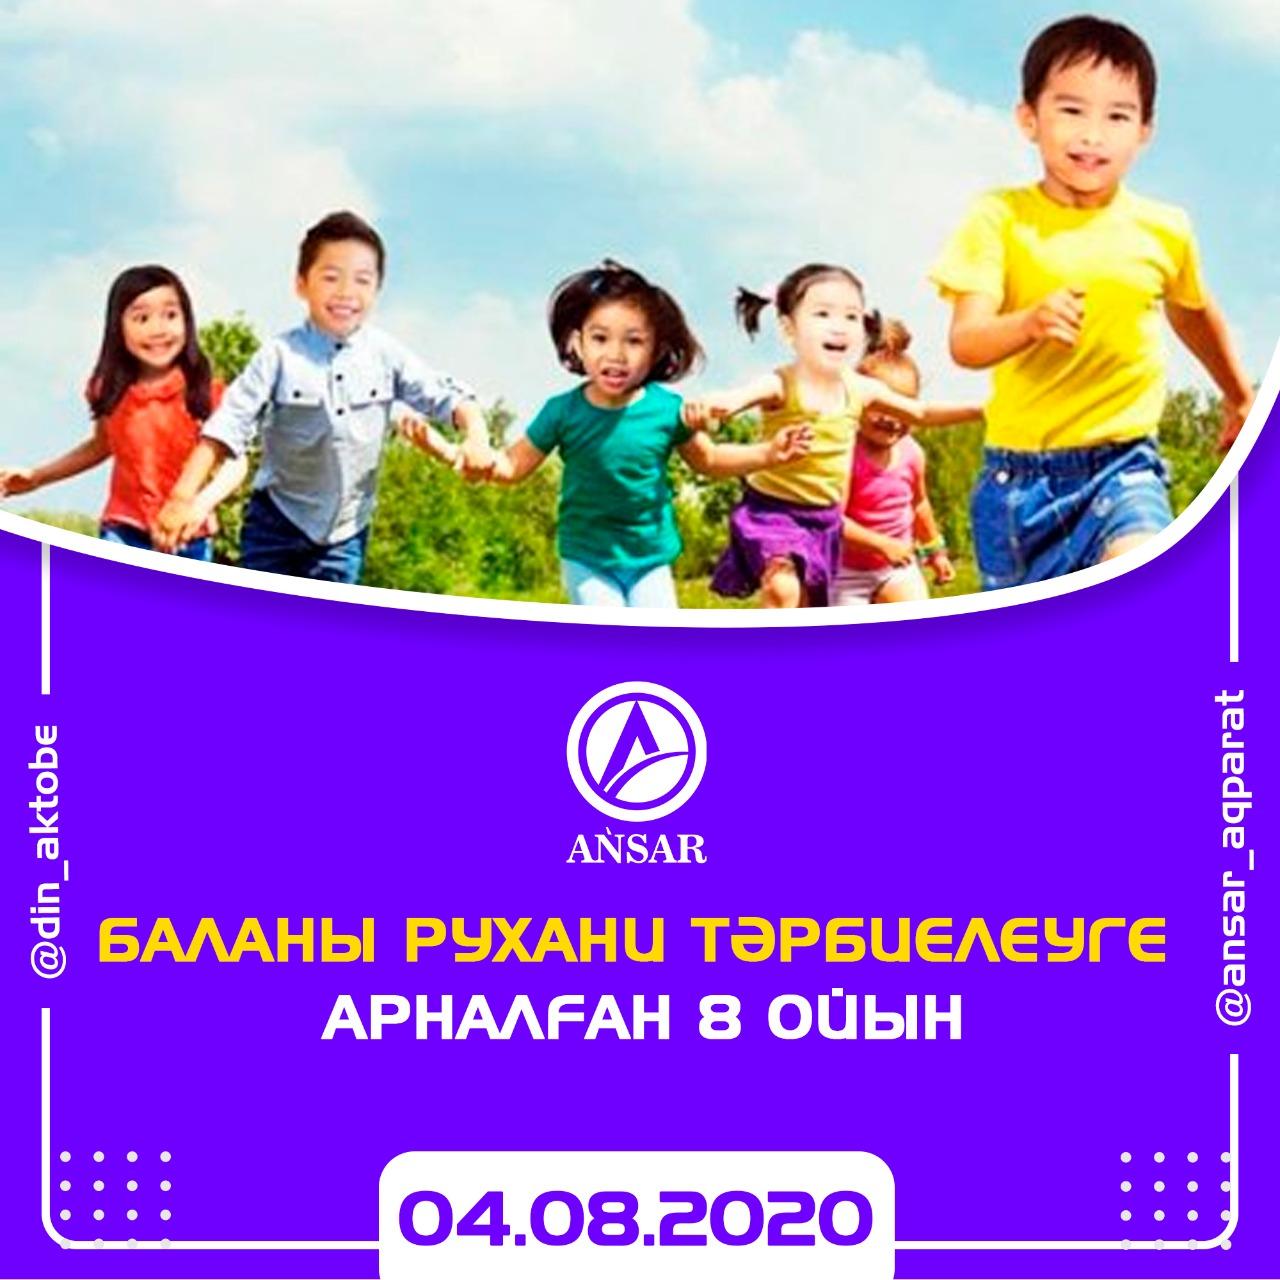 3c7253a5-8df8-4c13-8559-57a543db980a